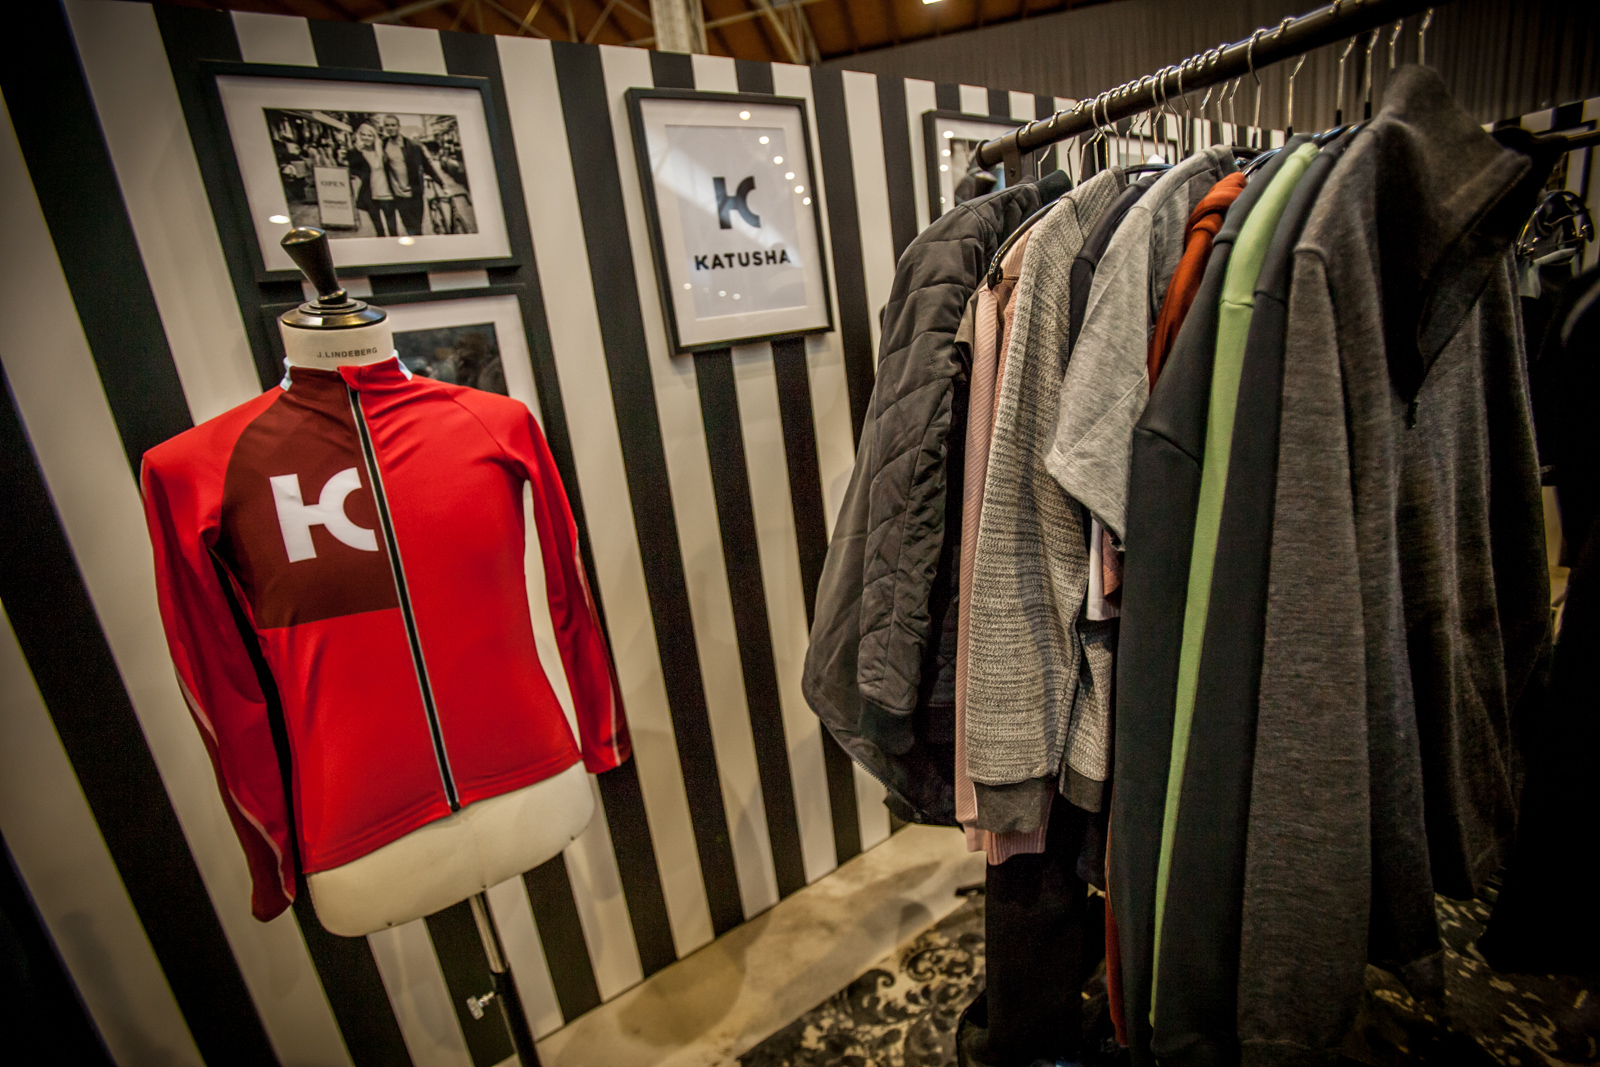 Im Frühling 2016 gelauncht: die Bekleidungslinie, die nicht nur zufällig so heißt wie ein russisches Profi-Team. Die Wiener Edel-Boutique Veletage nahm die WFS zum Anlass, die Sport- und Commuter-Teile in ihr Sortiment aufzunehmen und vorzustellen.